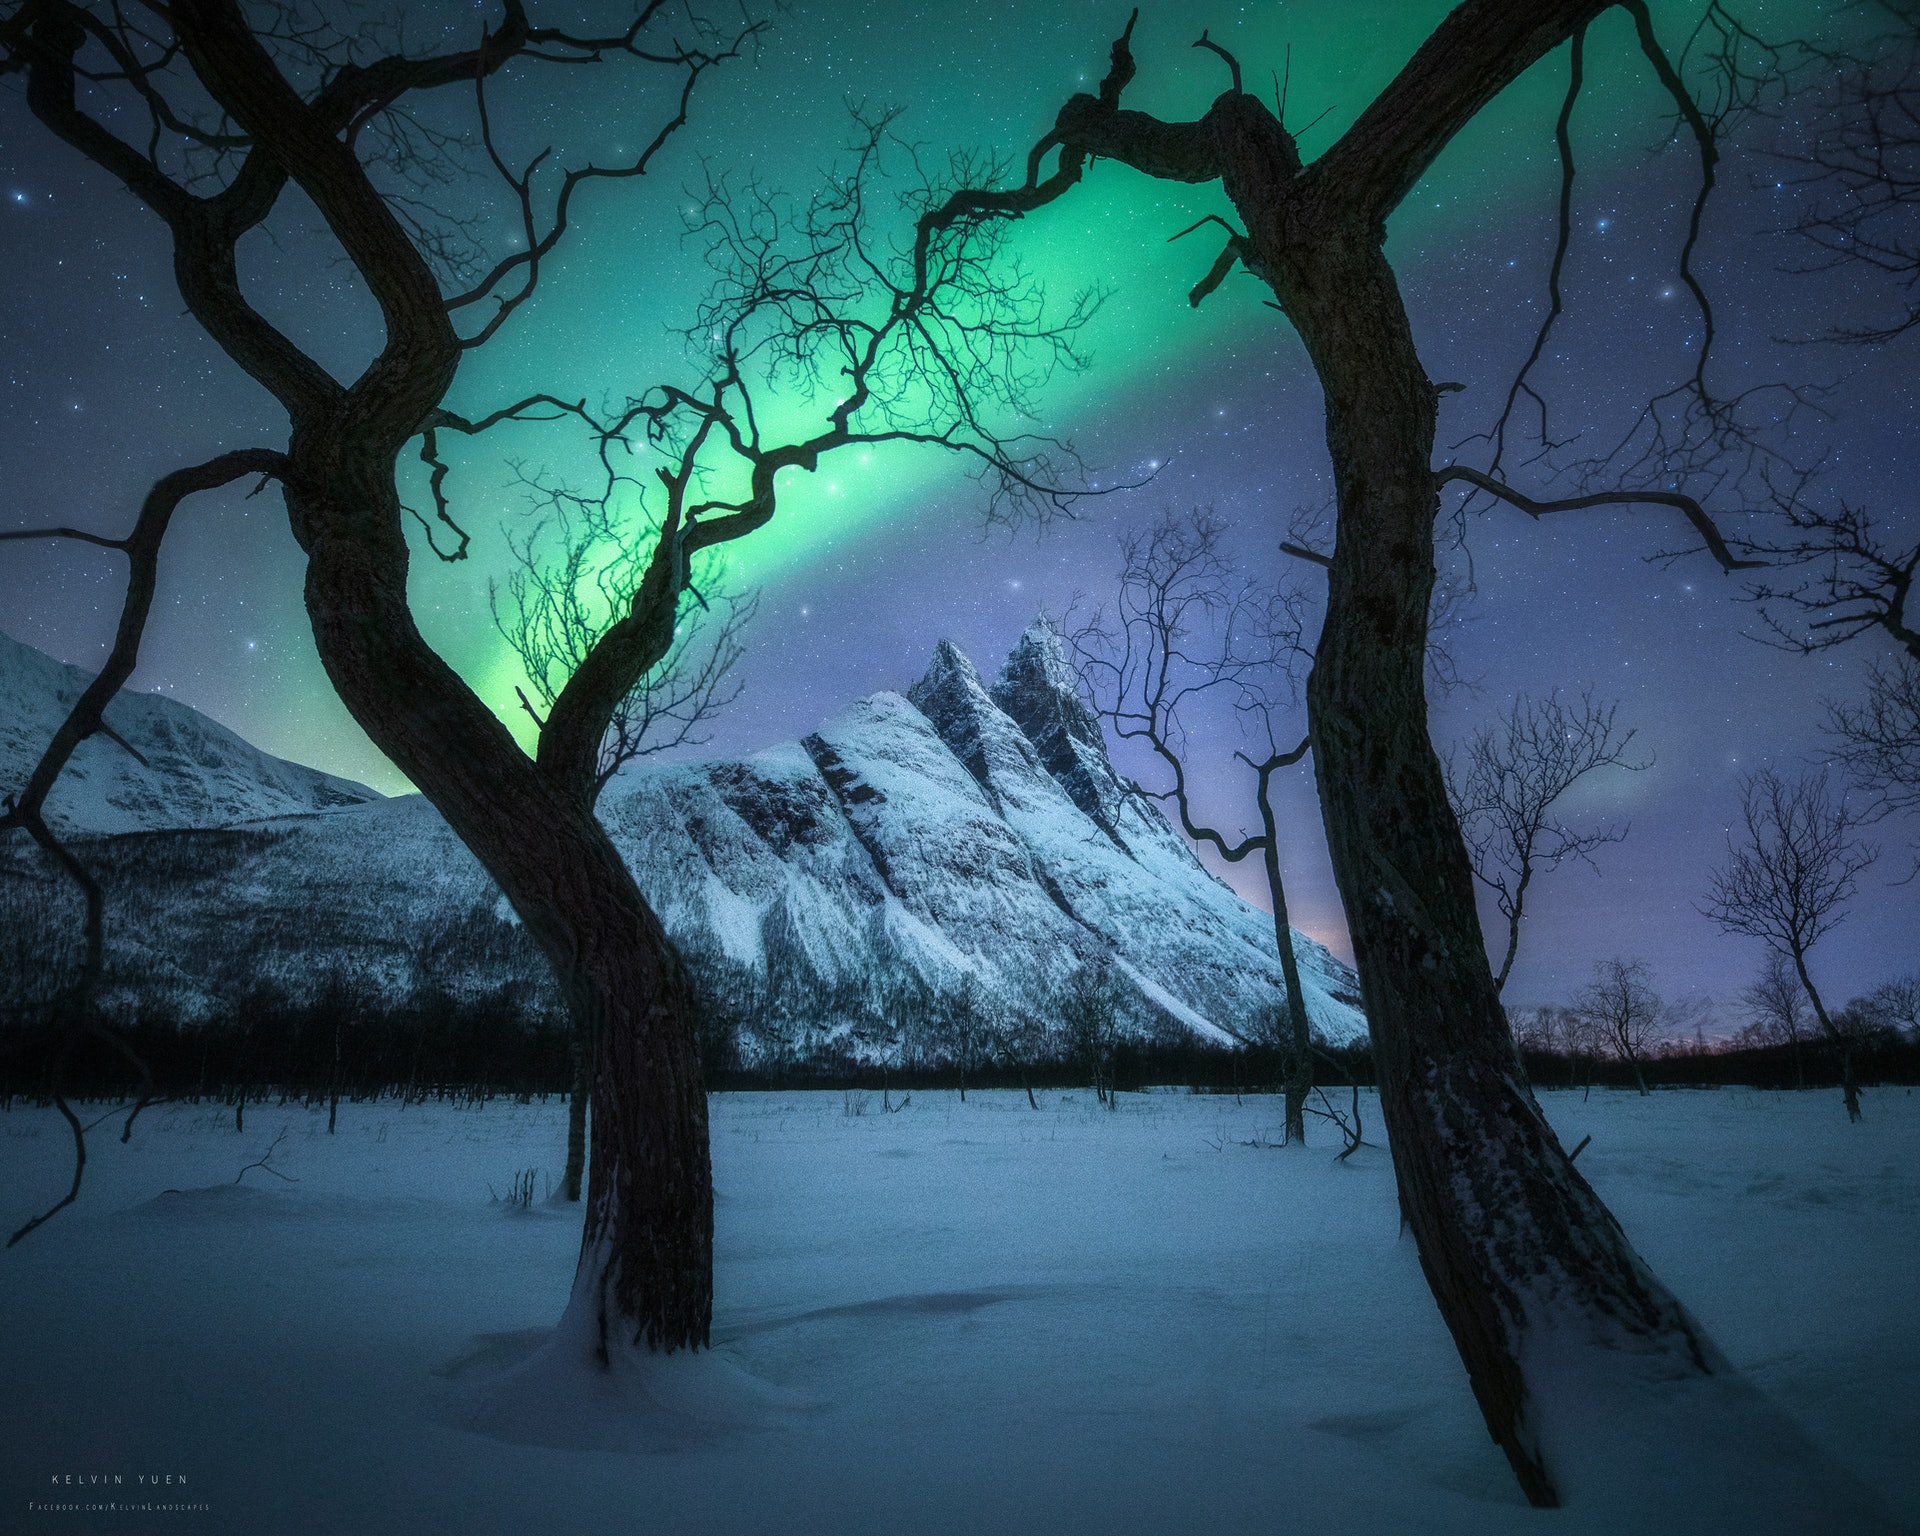 這張照片攝於挪威,名為Magical Night。(由受訪者提供/Kelvin Yuen攝)